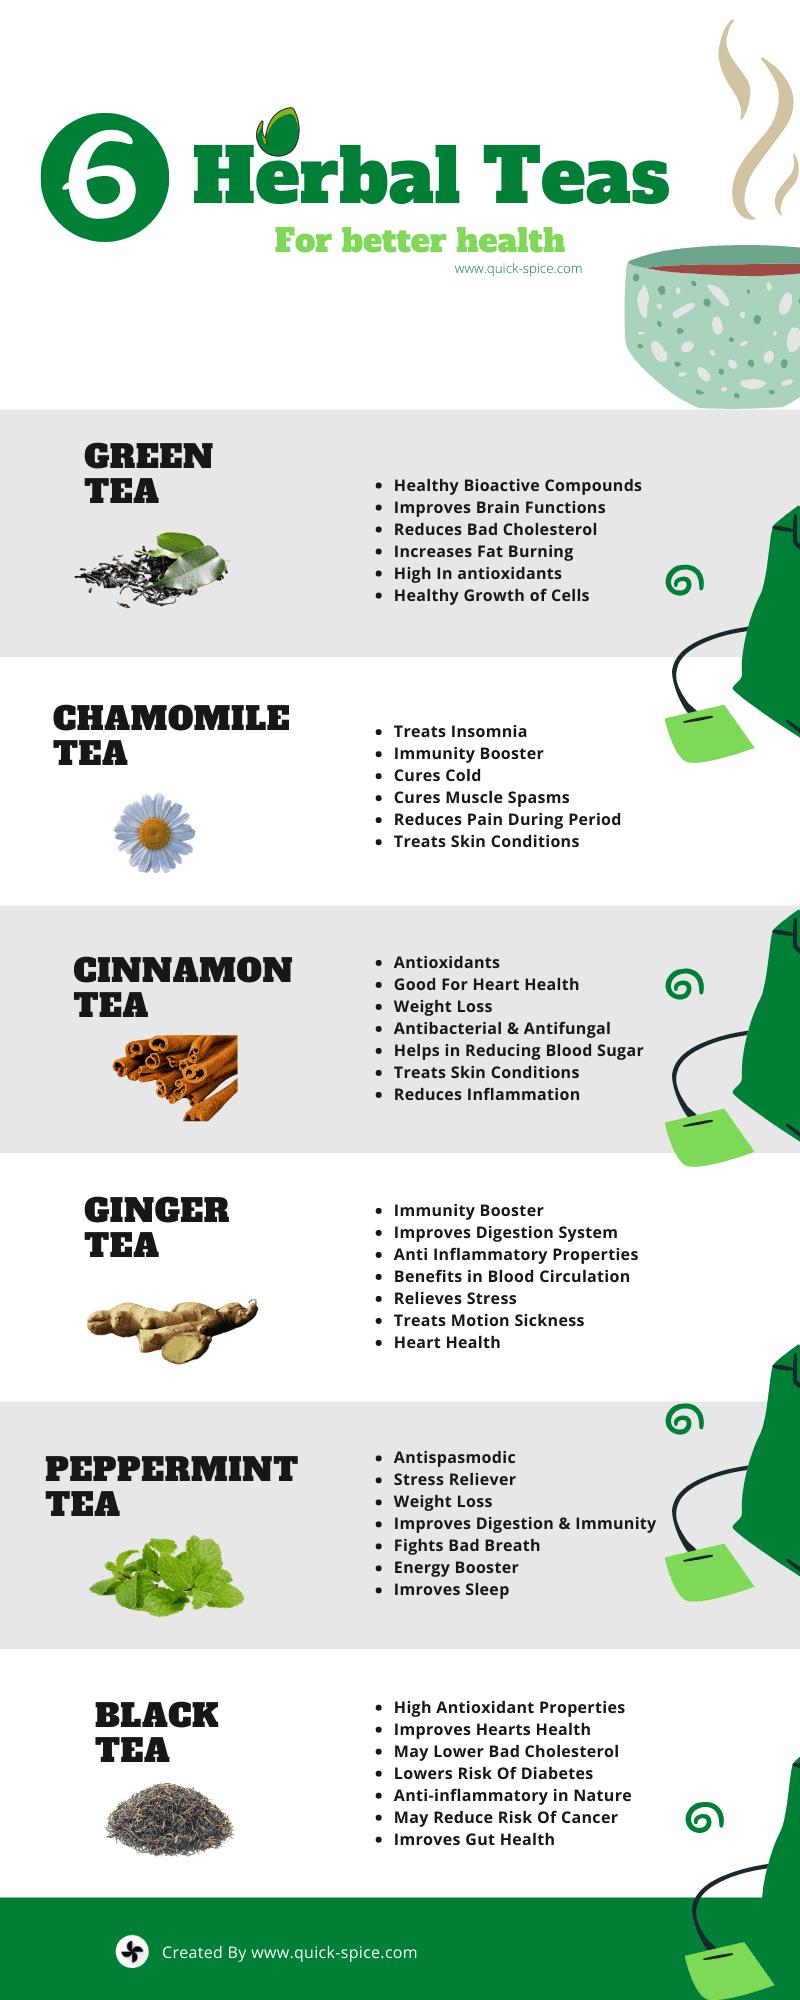 Benefits of Herbal Teas | 6 Herbal Teas You Should Try